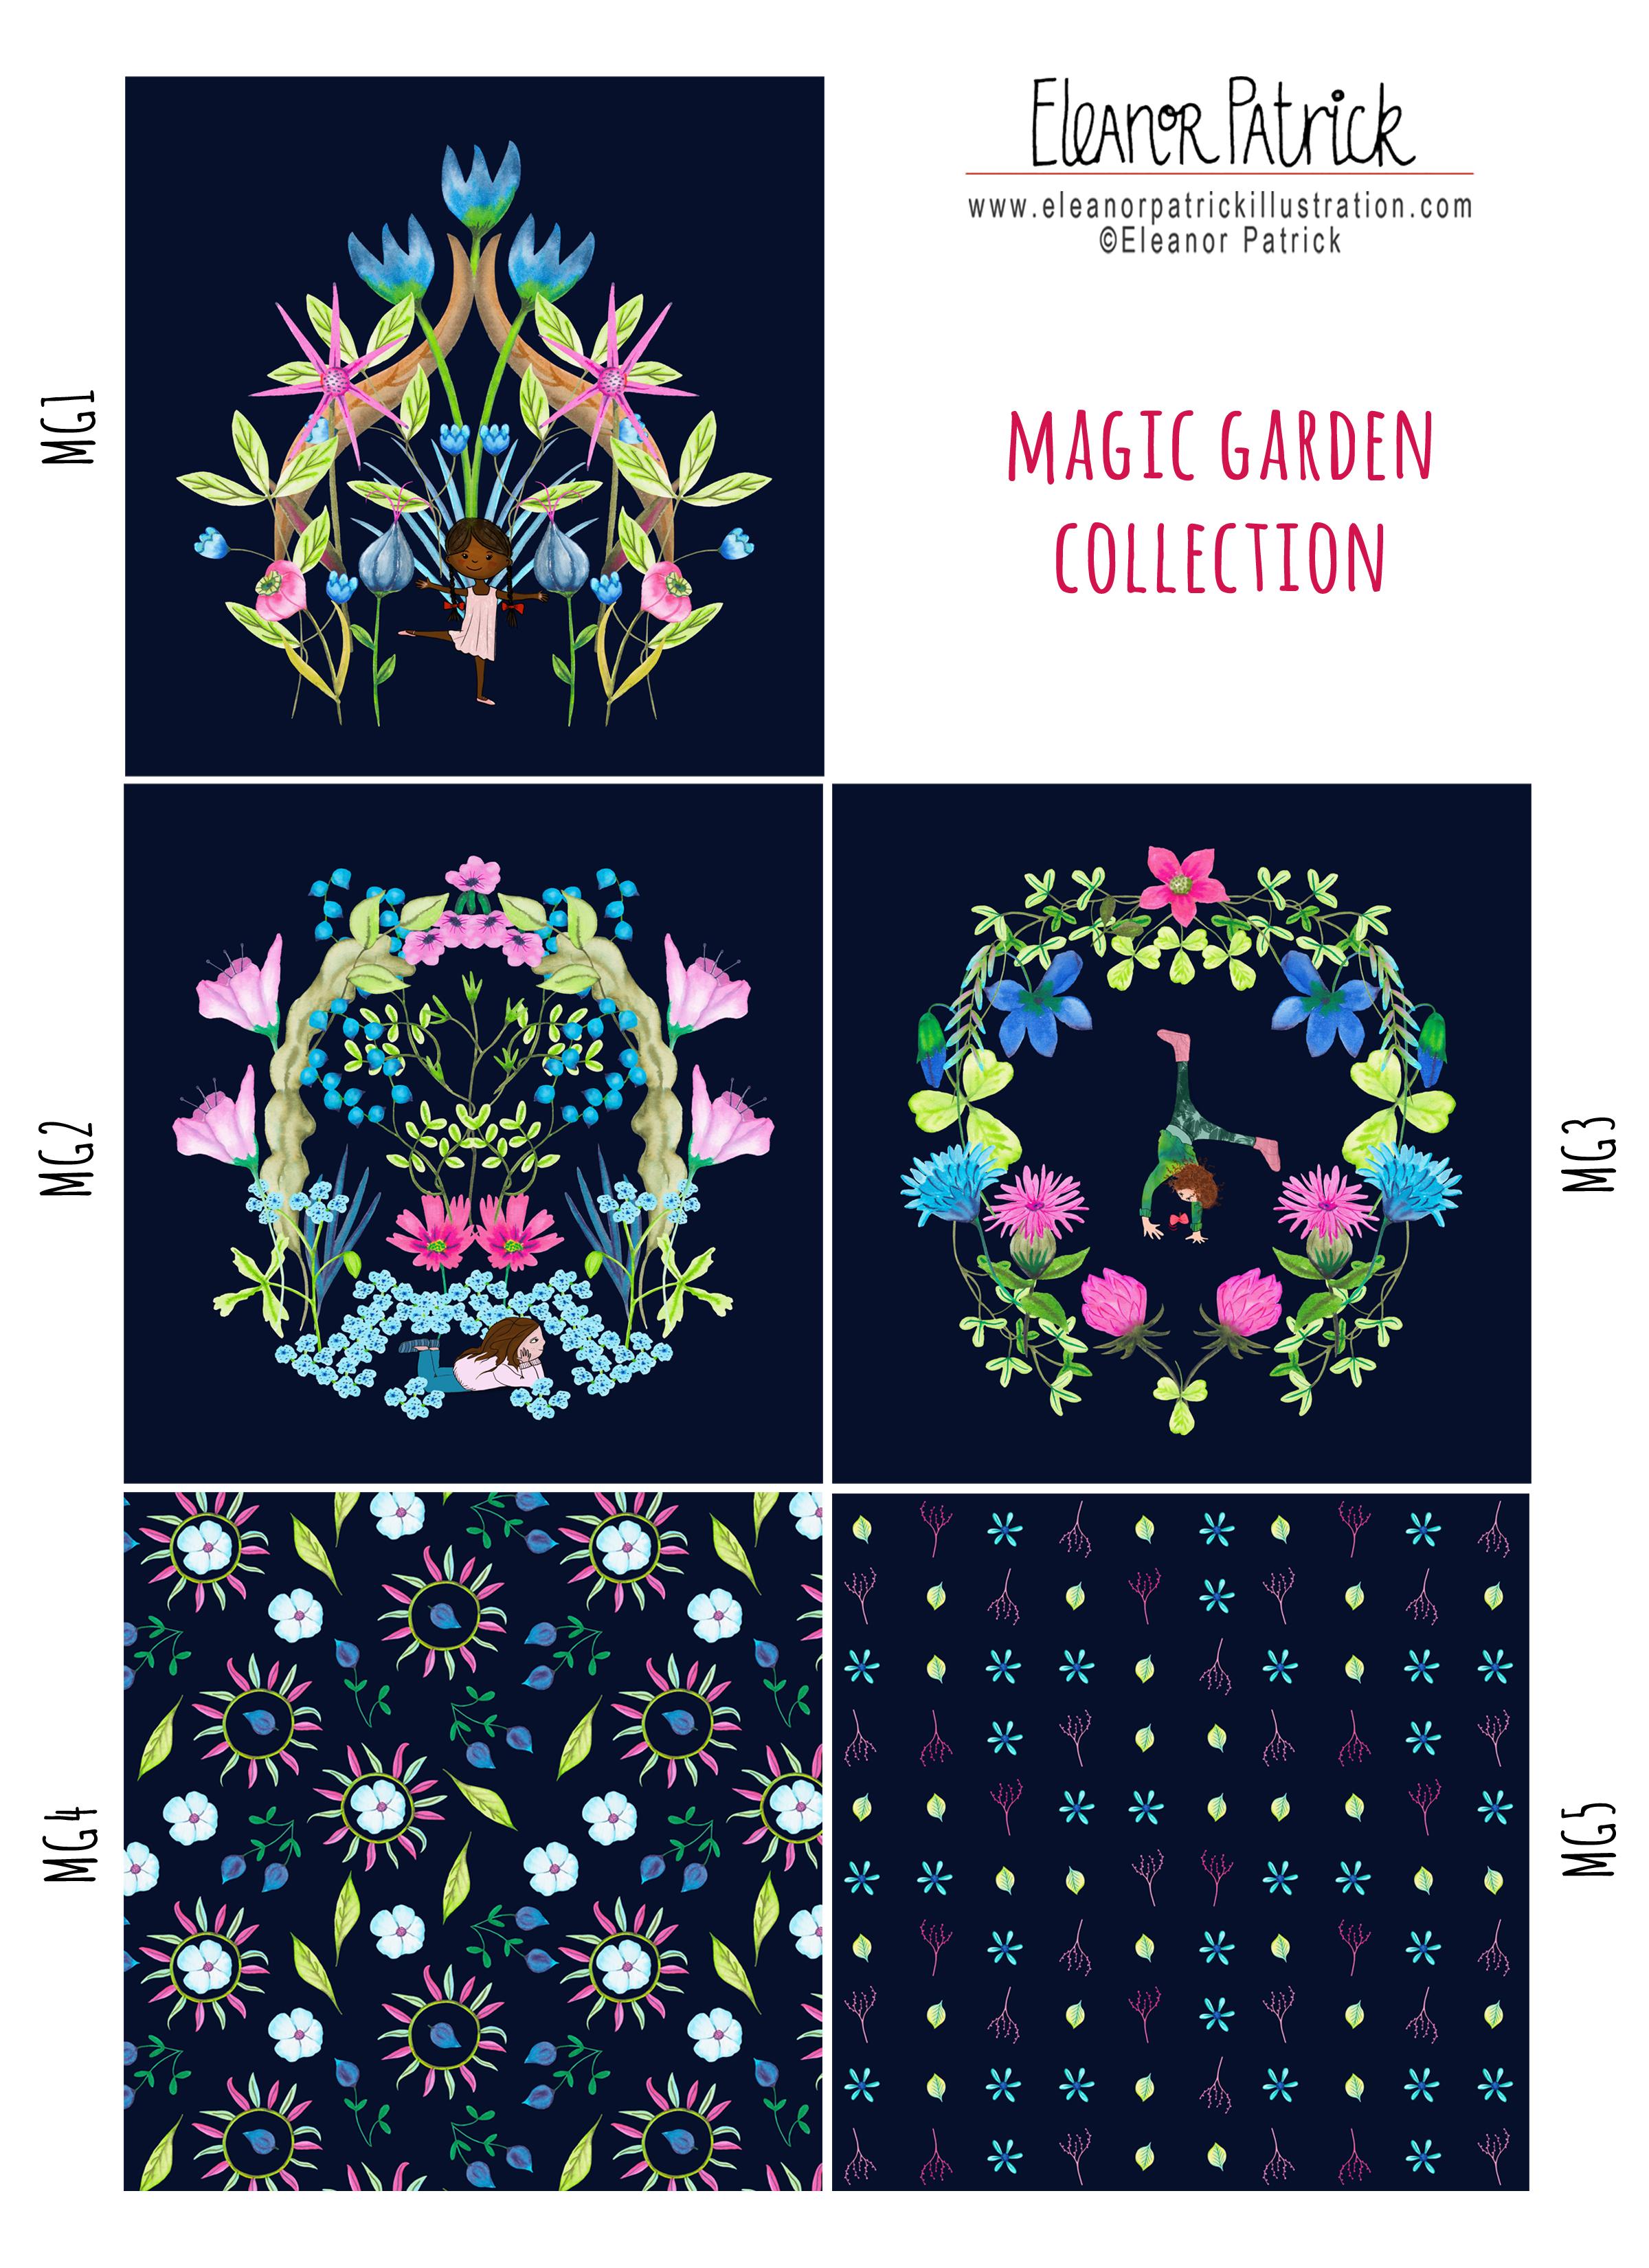 Magic Garden collection